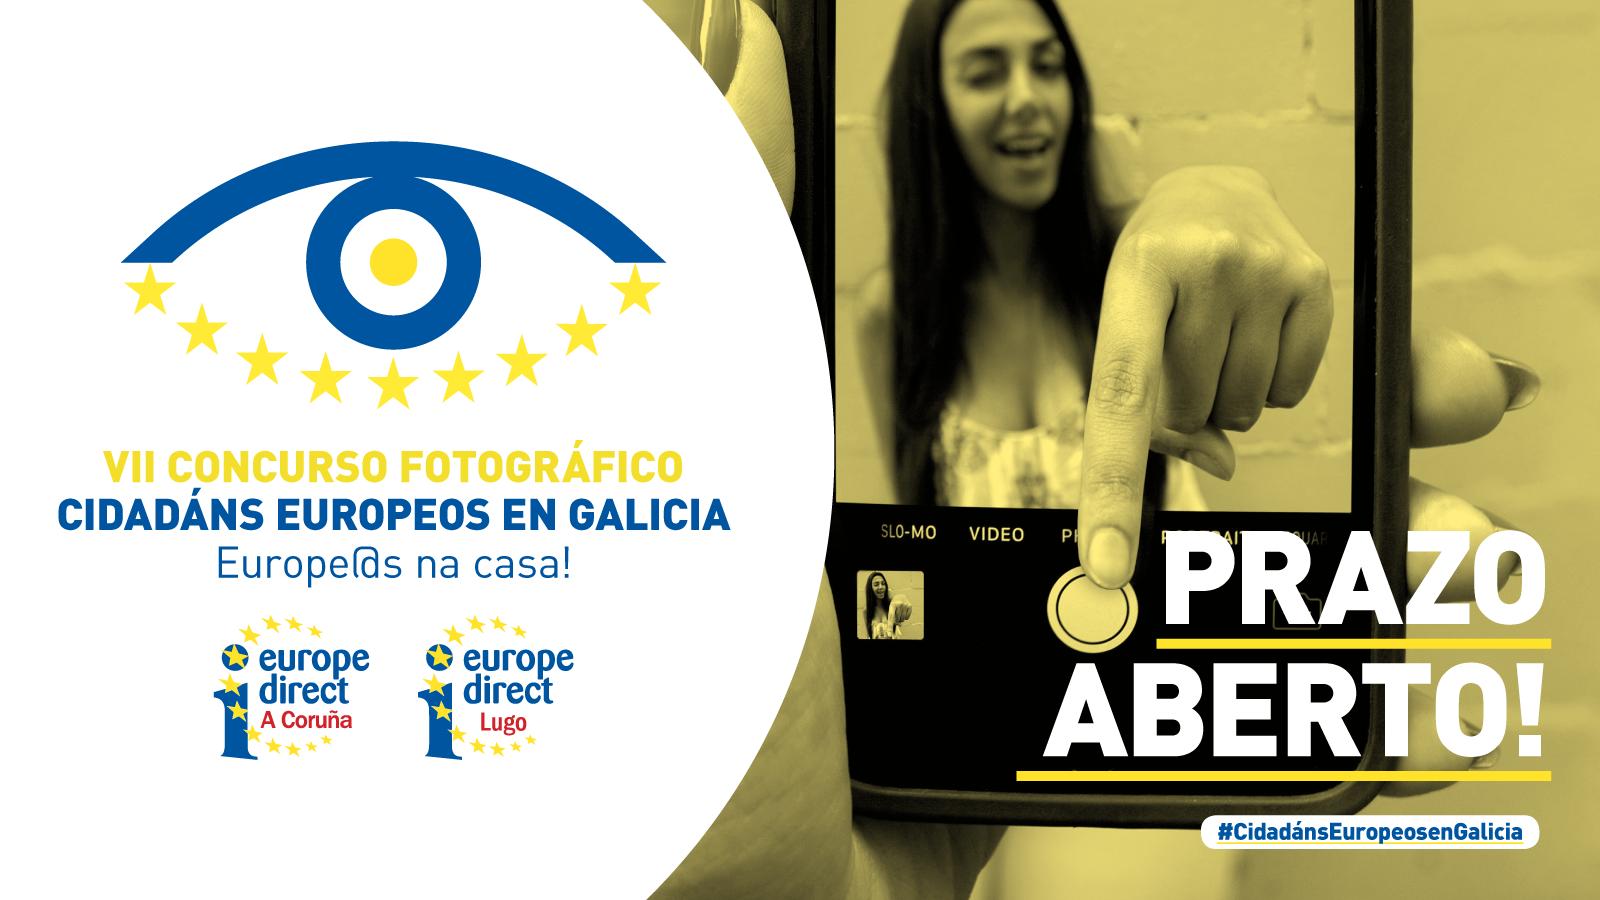 Cartel VII certame de fotografía Cidadáns Europeos de Galicia: Europeos na Casa